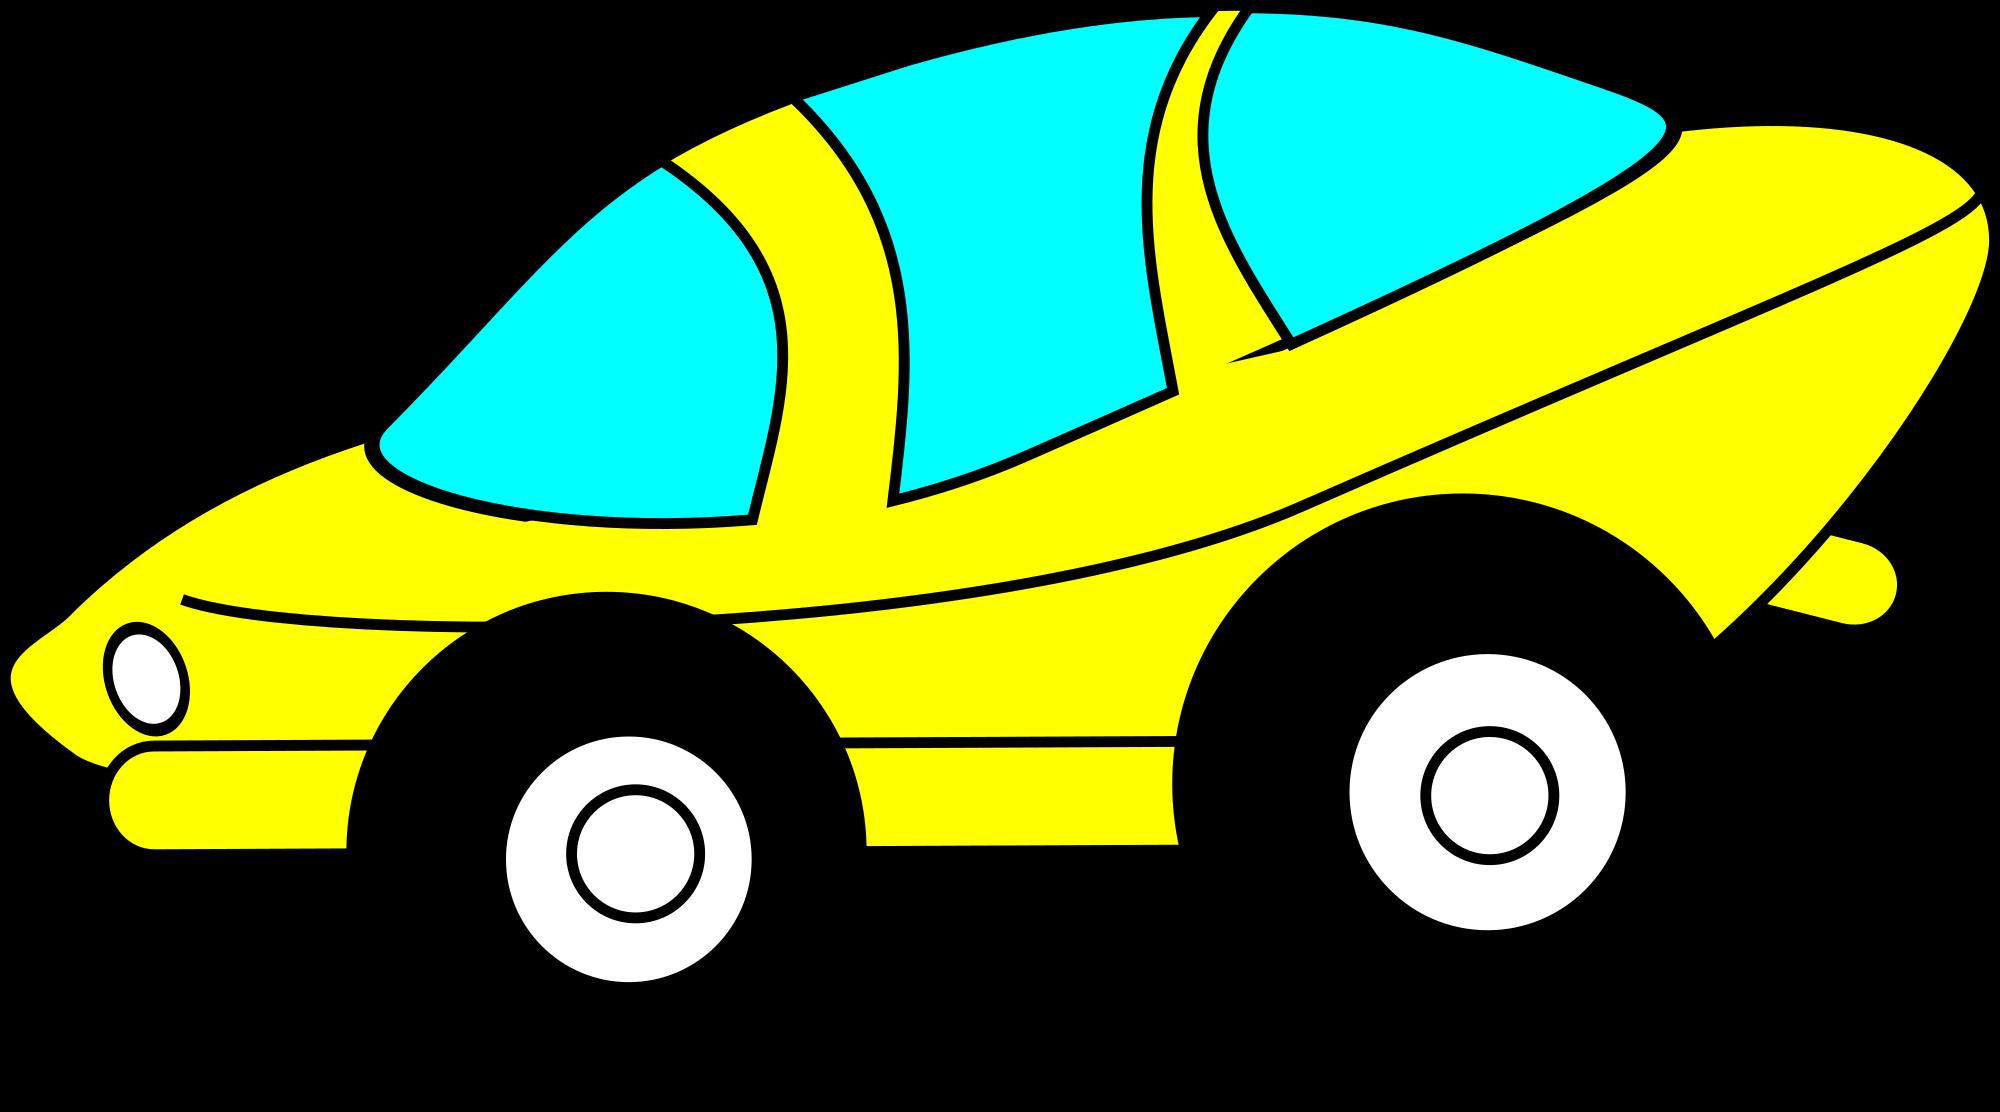 2000x1112 Free Cartoon Car Clipart